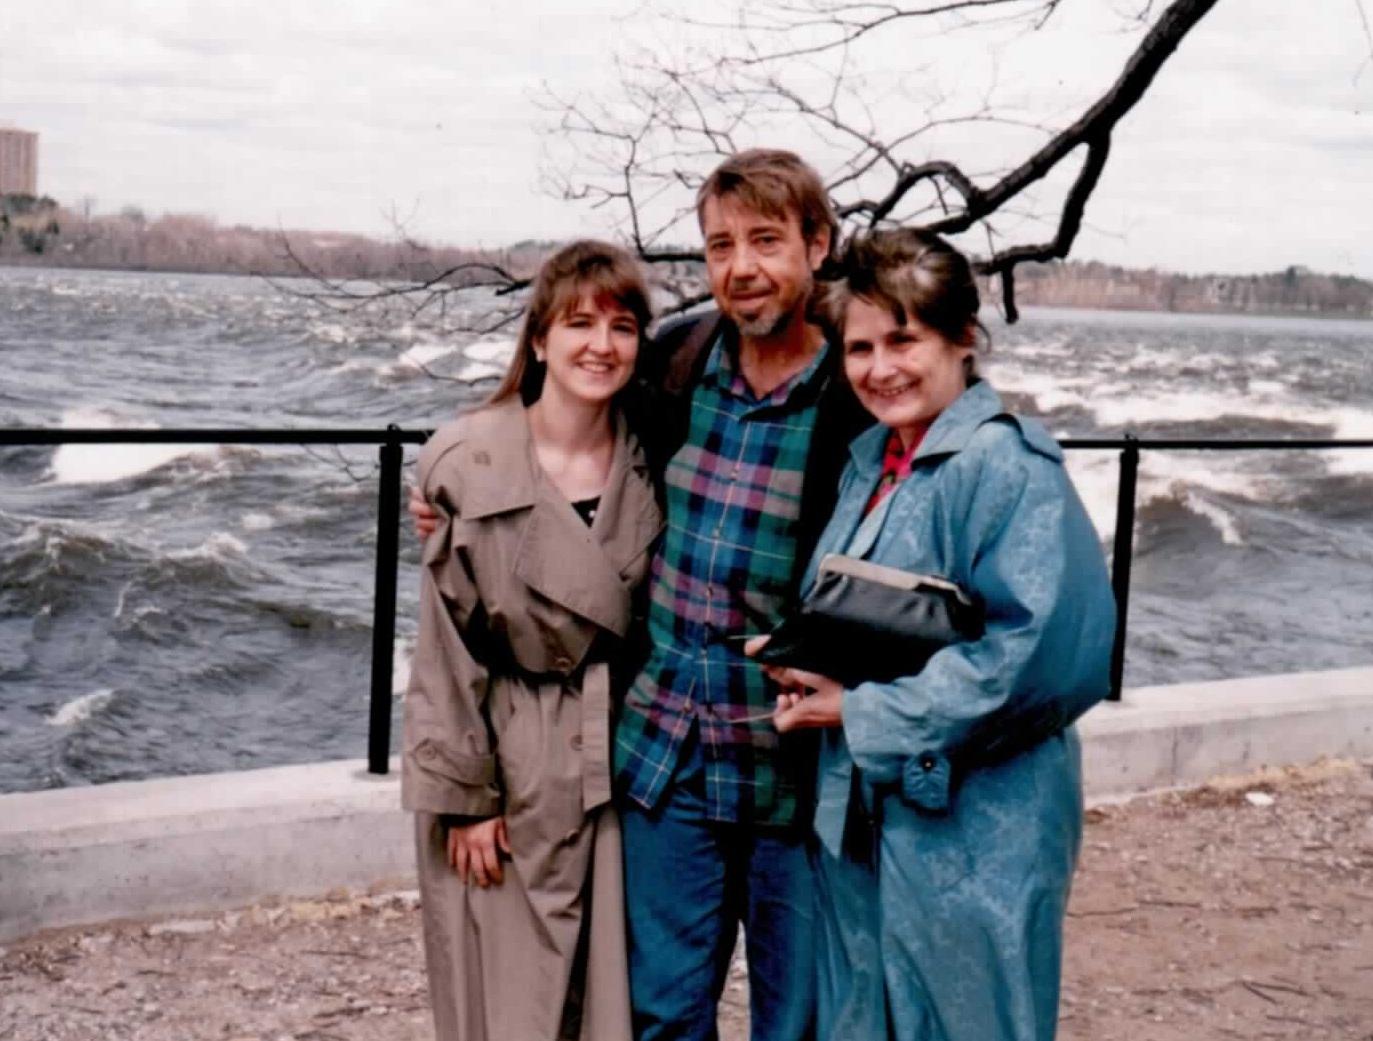 Niki Rebin, Norm Rebin, and Delva Rebin